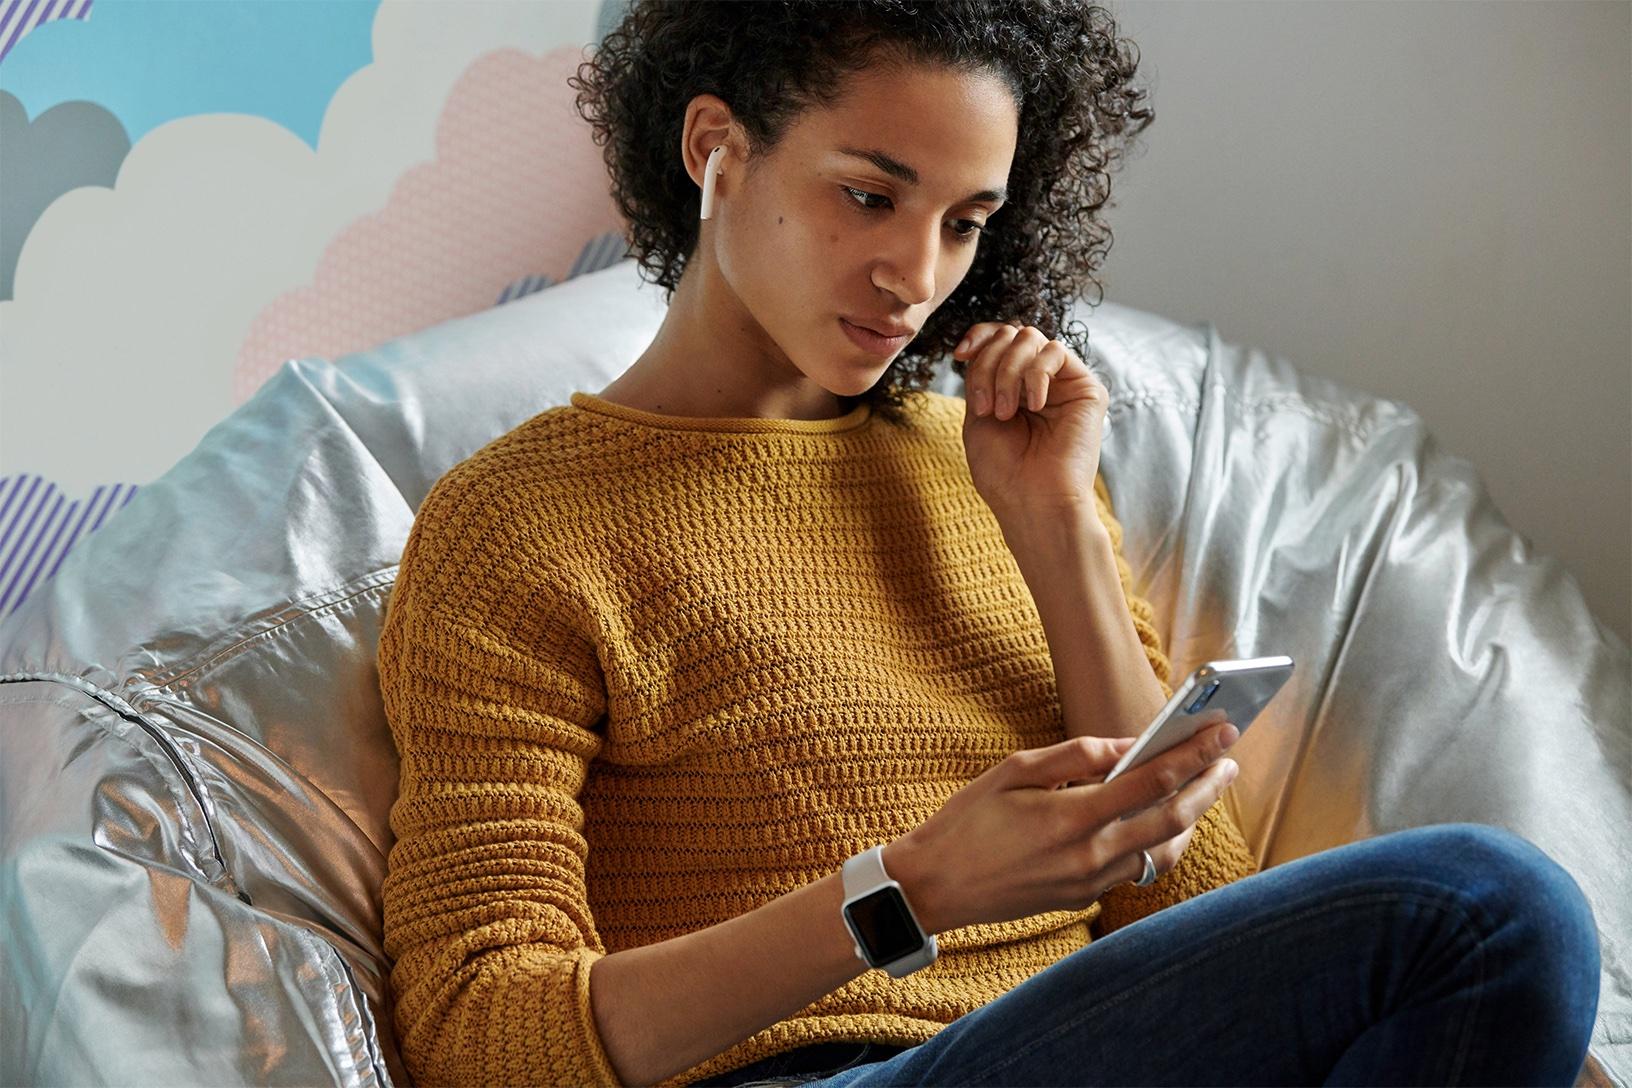 Apple AirPods worlds most popular wireless headphones woman wearing airpods 03202019 - Apple právě vydal novou verzi sluchátek AirPods s novým bezdrátovým nabíjecím pouzdrem